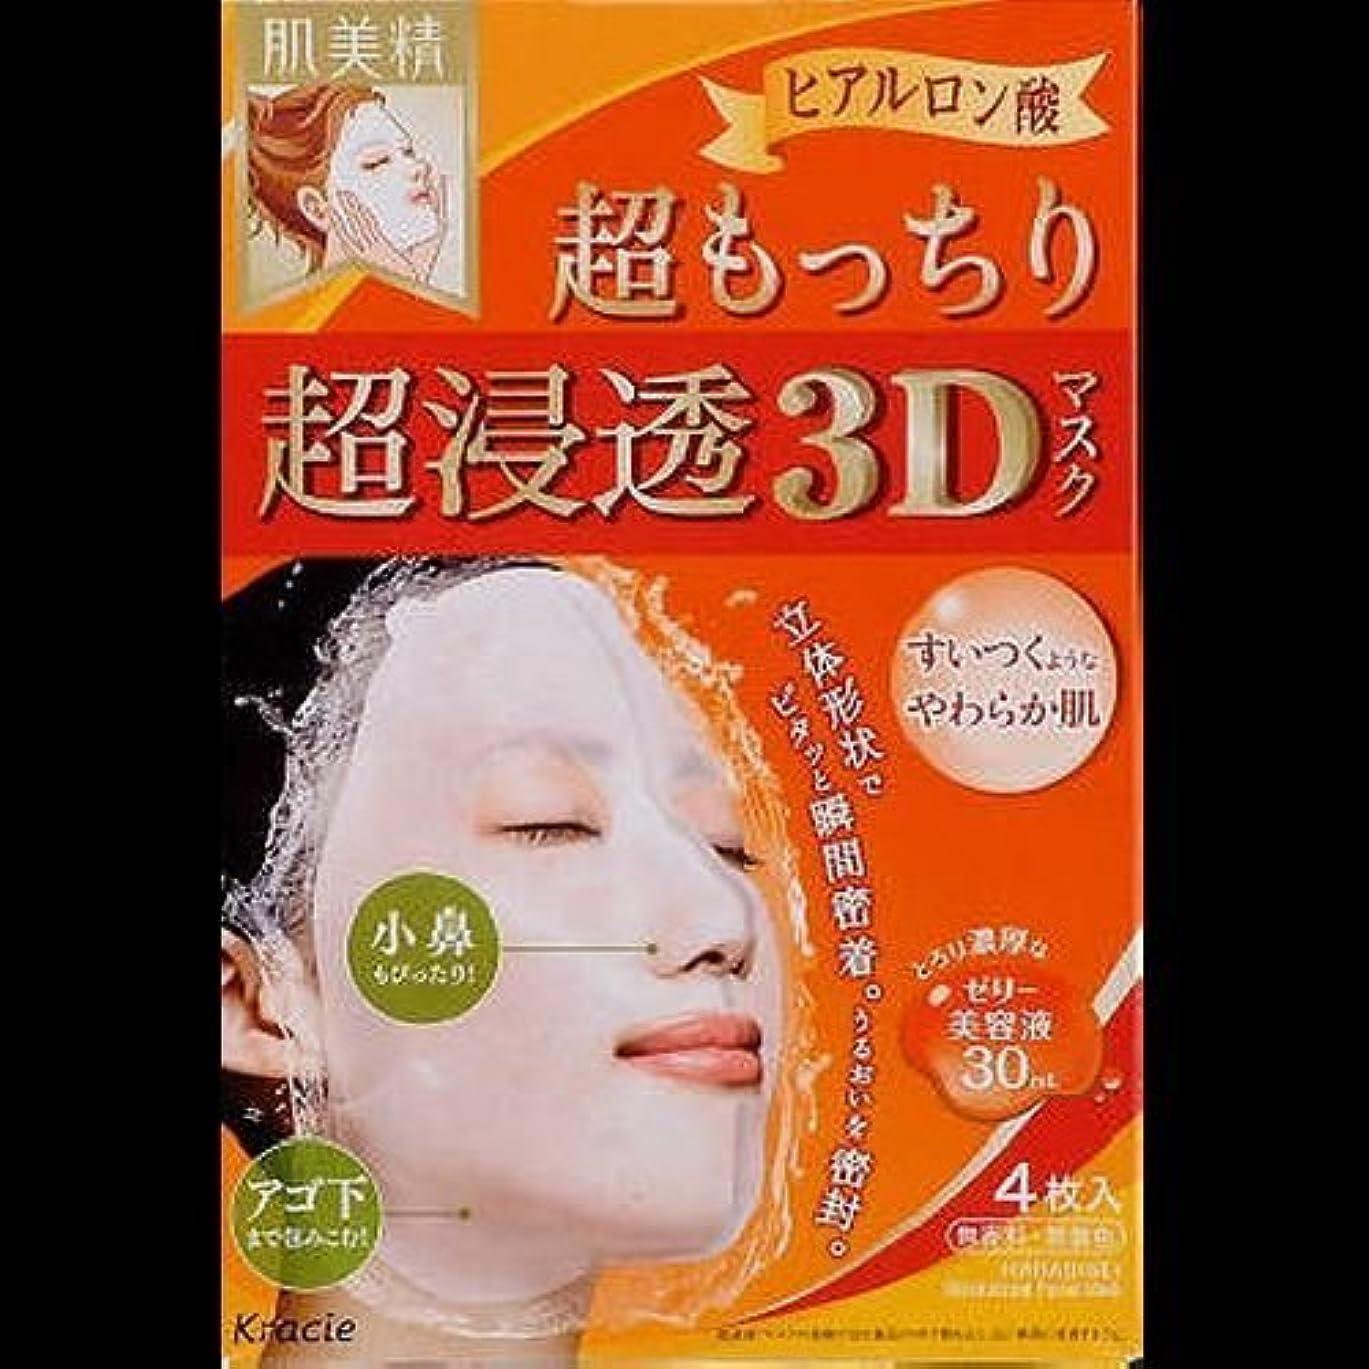 ステージ液体決定する【まとめ買い】肌美精 超浸透3Dマスク (超もっちり) 4枚 ×2セット